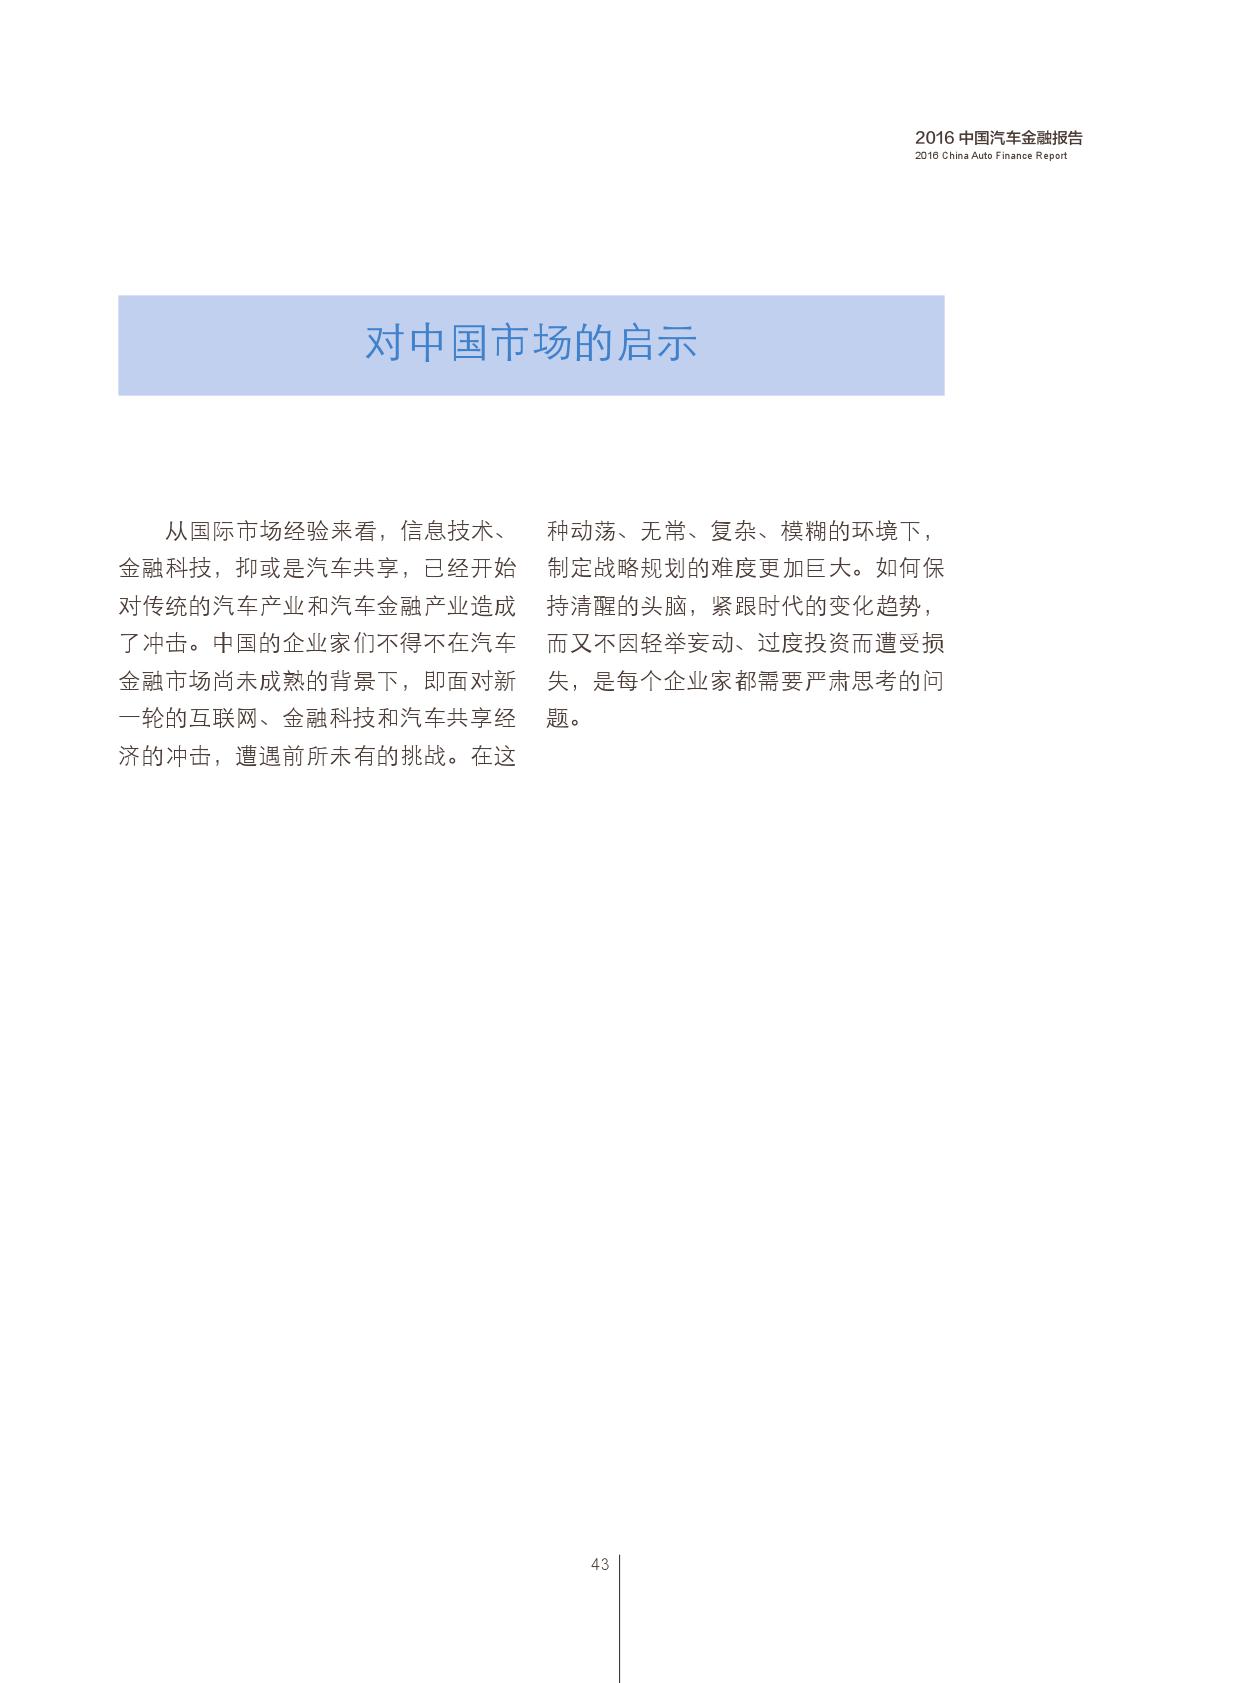 2016中国汽车金融报告_000044